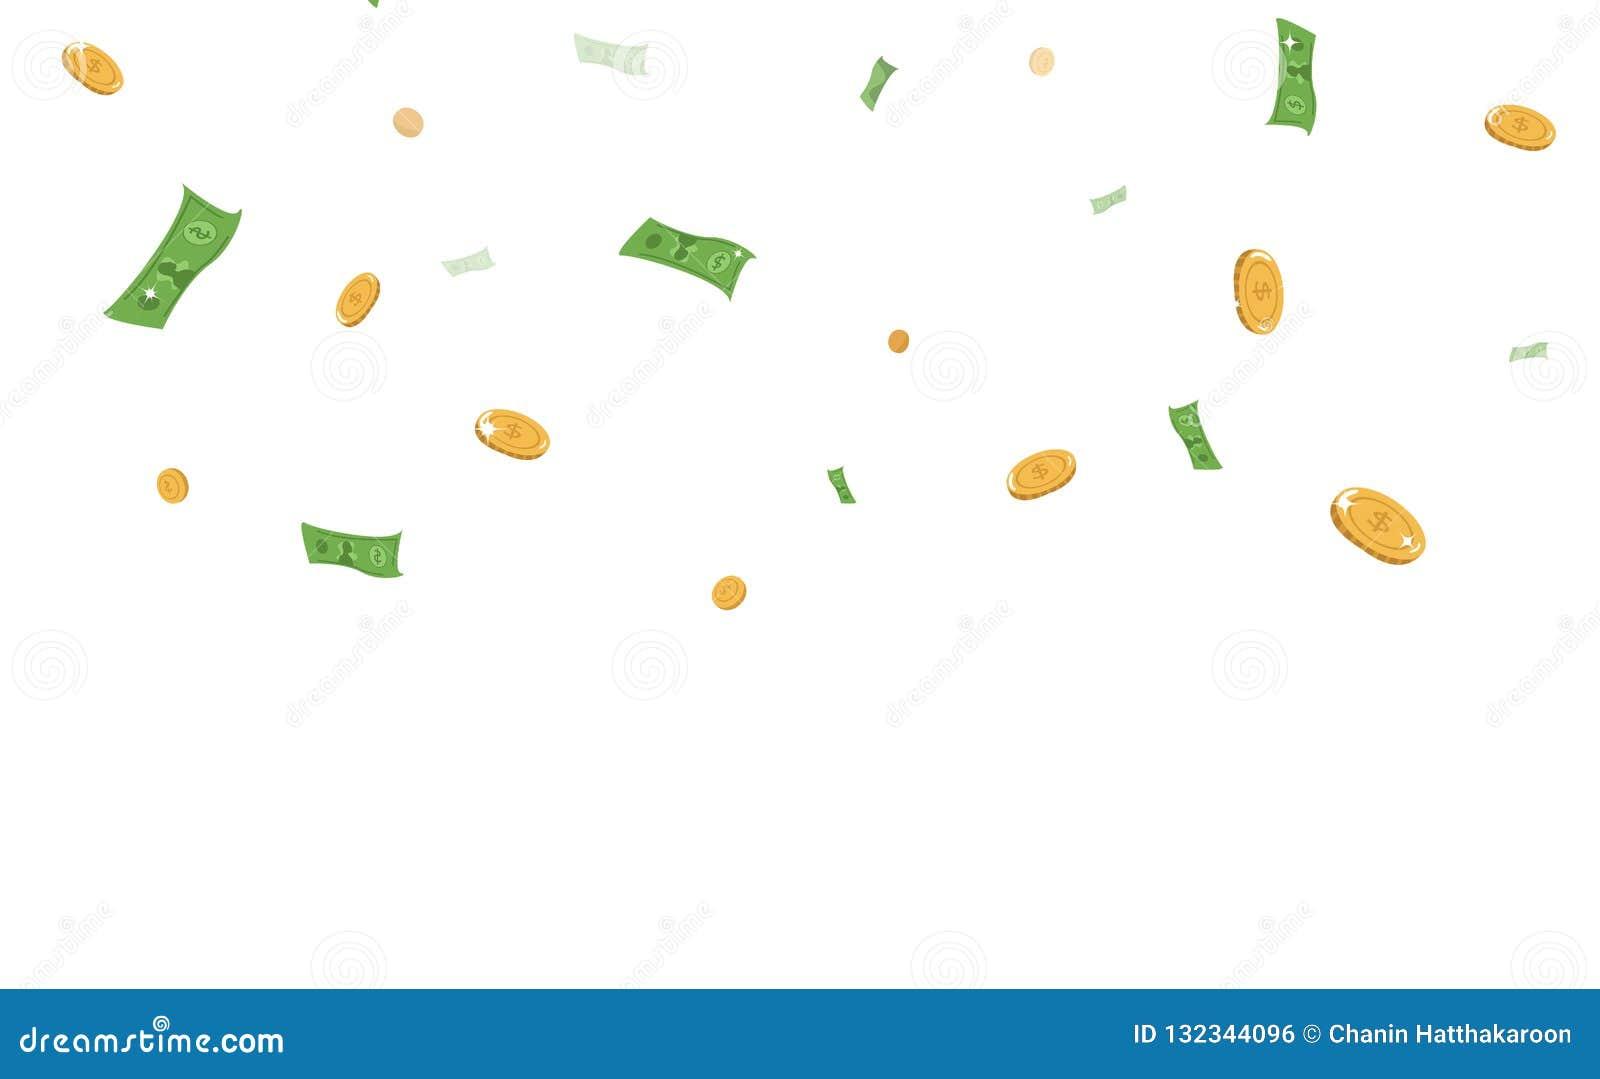 Dinero, bancos y monedas cayendo, vector b del dólar del concepto del negocio